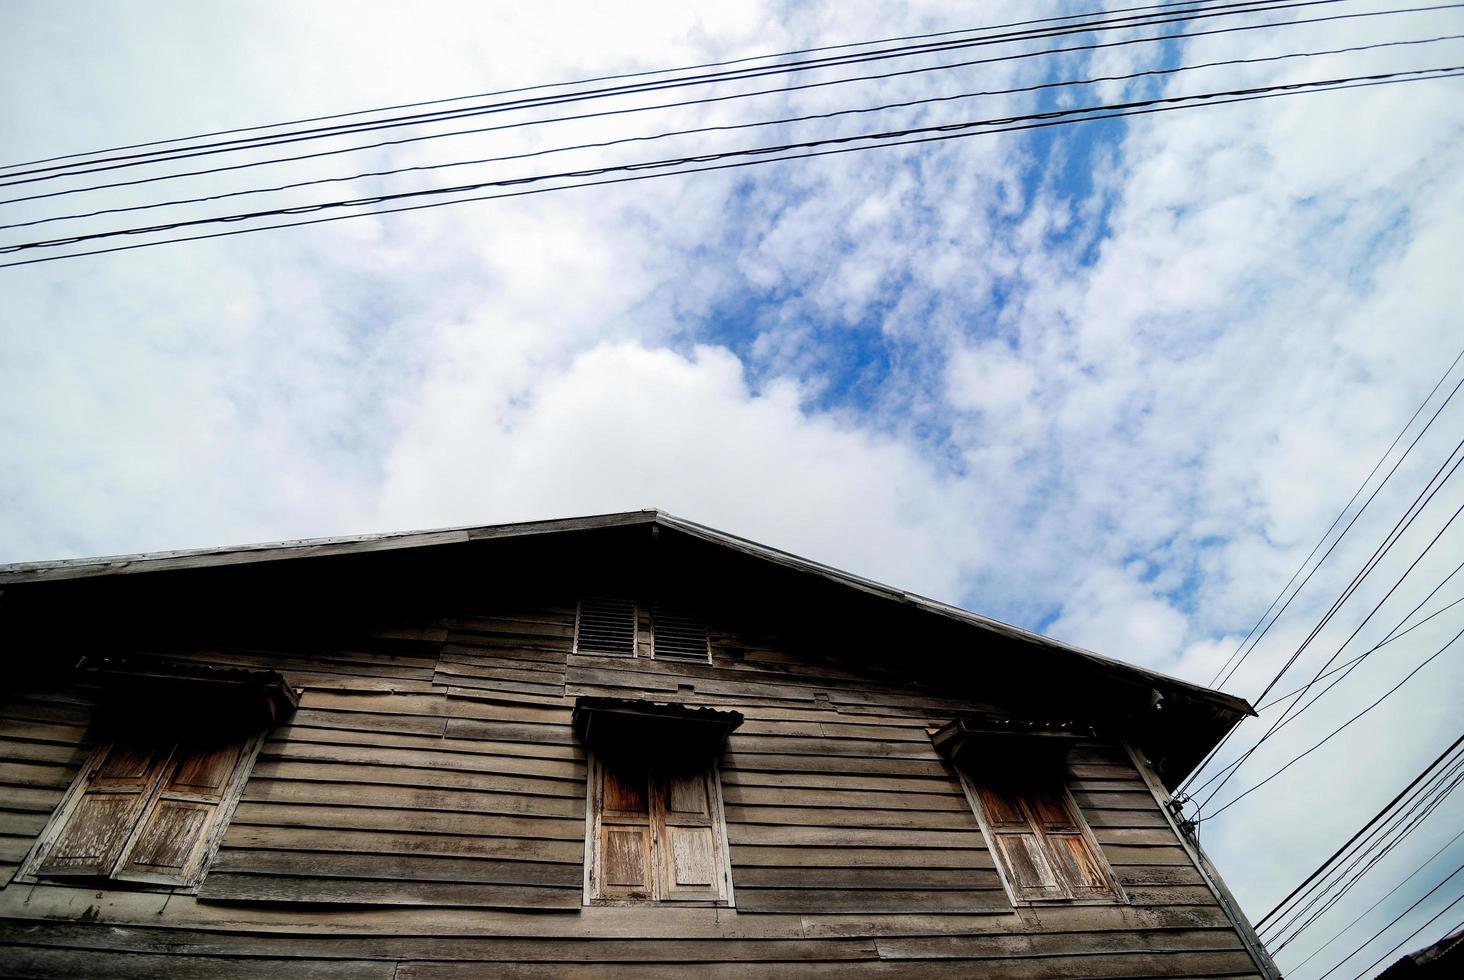 alte Holzhäuser daneben foto